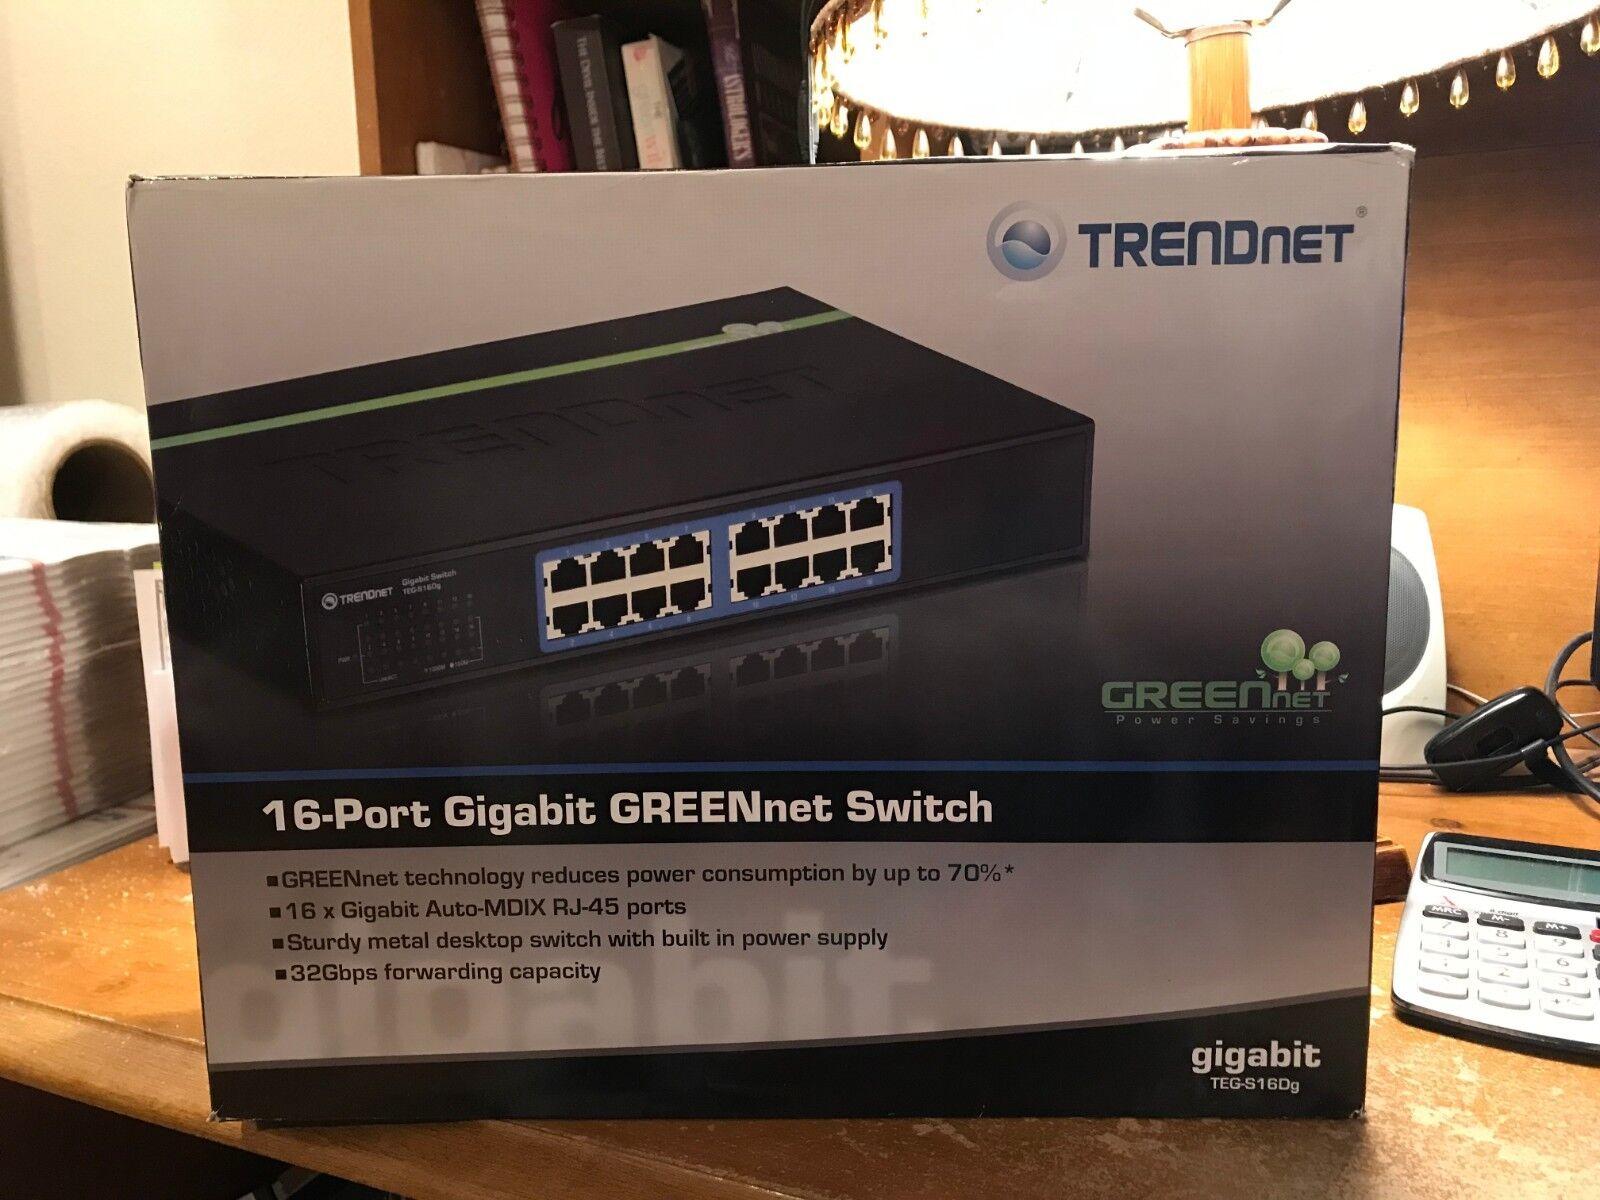 TRENDnet 16-Port Unmanaged Gigabit GREENnet Desktop Metal Ho